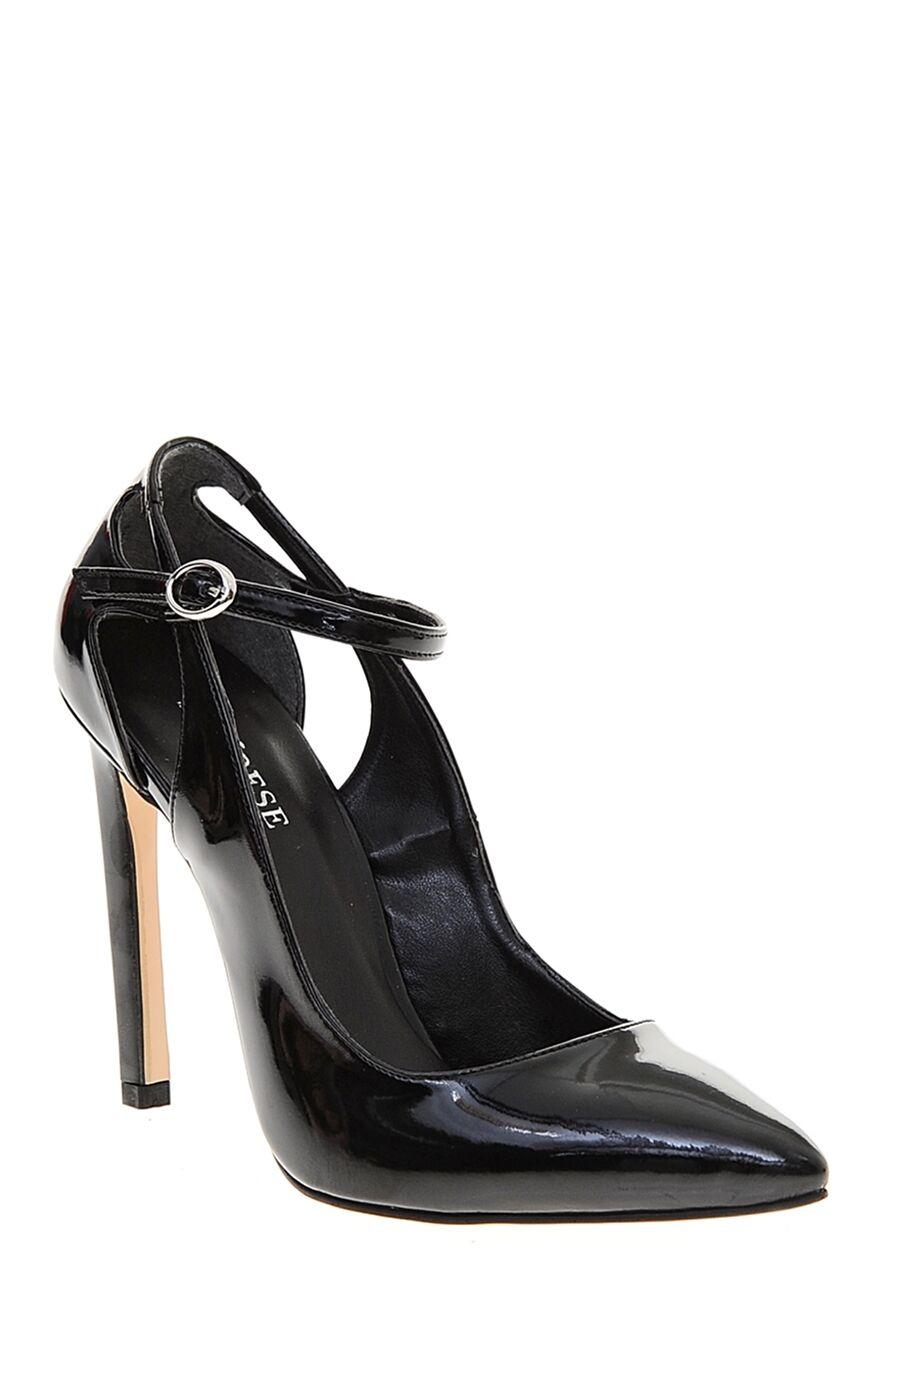 Siyah Rugan Topuklu Ayakkabı